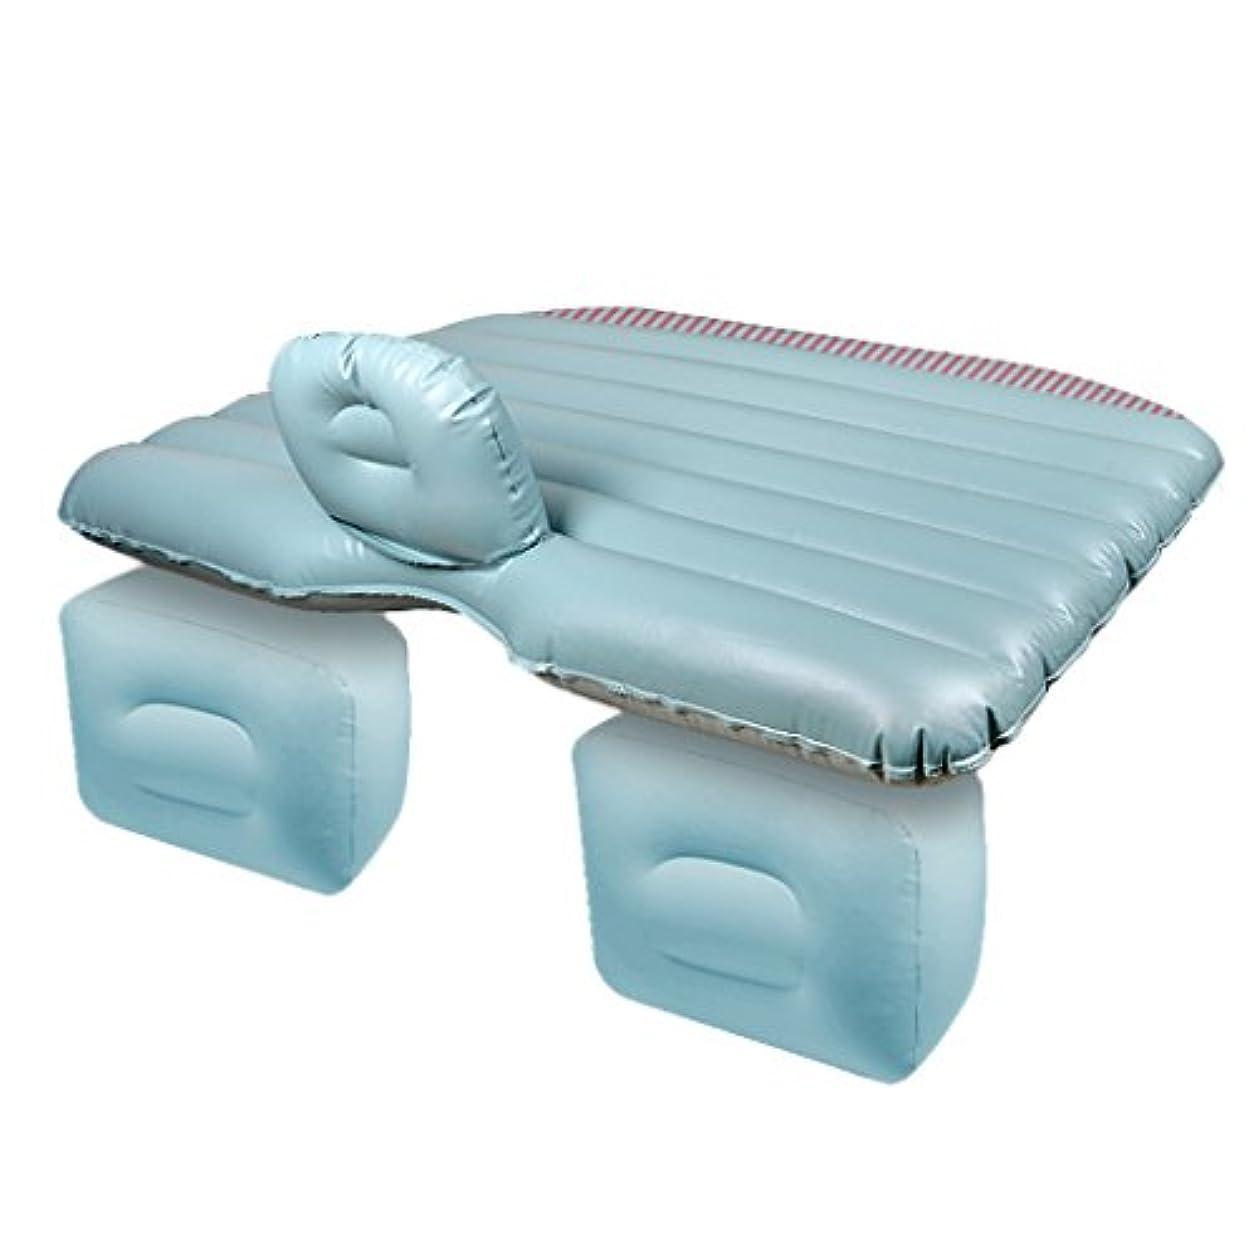 遅い原子広々としたエアベッド - 車の空気ベッド多機能旅行キャンプ旅行睡眠の残りの車の空気ベッドのベッドの車のリアショックアブソーバー旅行のクッションの家の睡眠パッド多機能旅行キャンプの睡眠の残りのSUV折りたたみポータブル // (色 : 青)